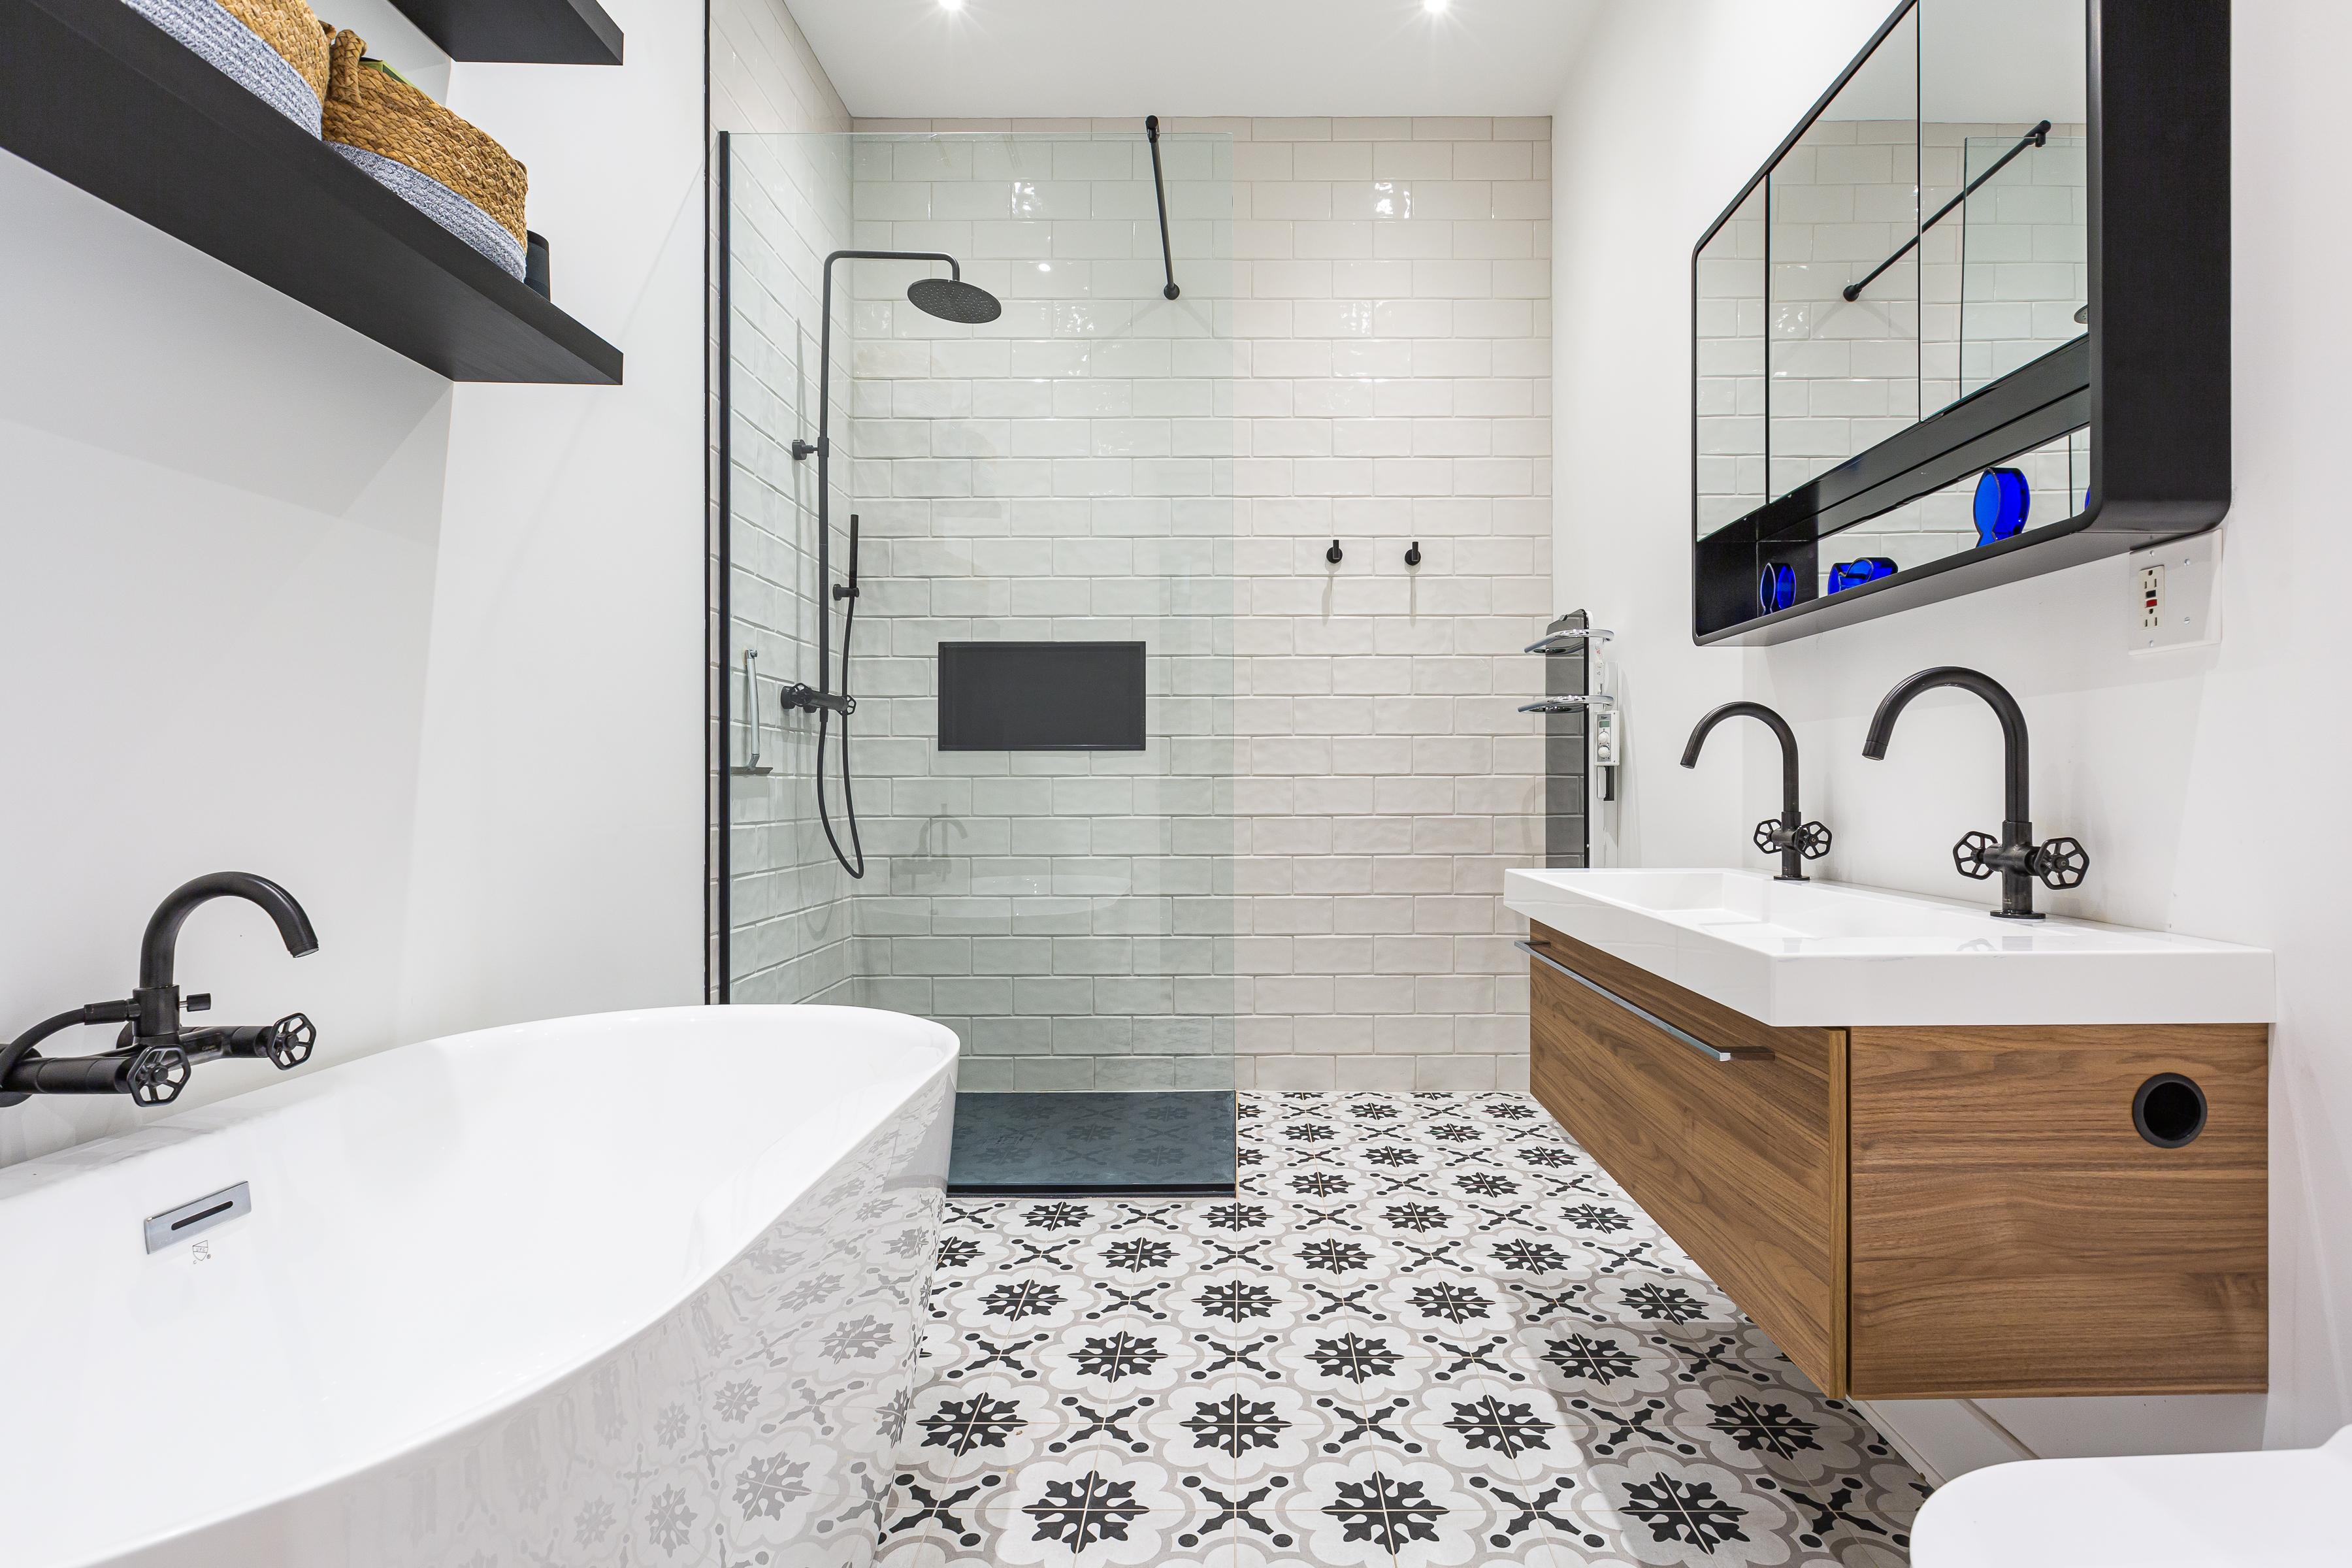 salle de bain moderne avec carrelage à motifs et bain autoportant